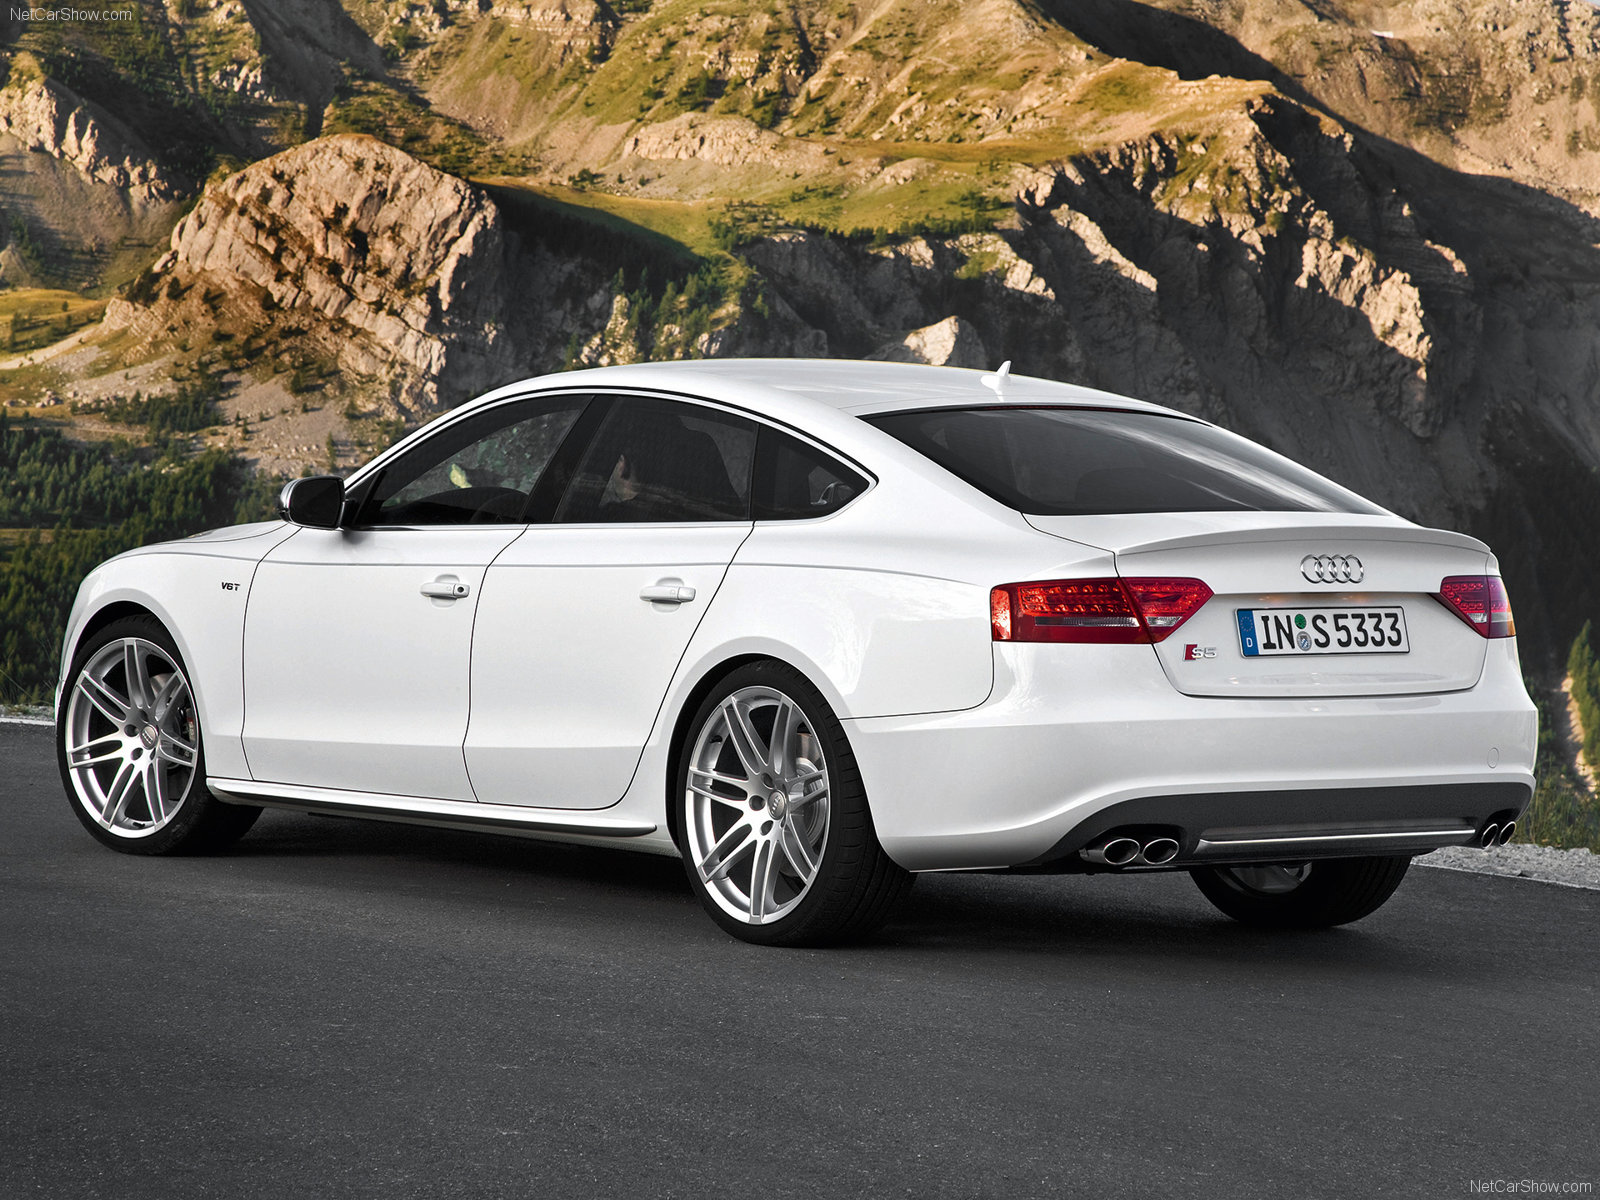 Suche nach Audi S5 pagenstecher Deine Automeile im Netz